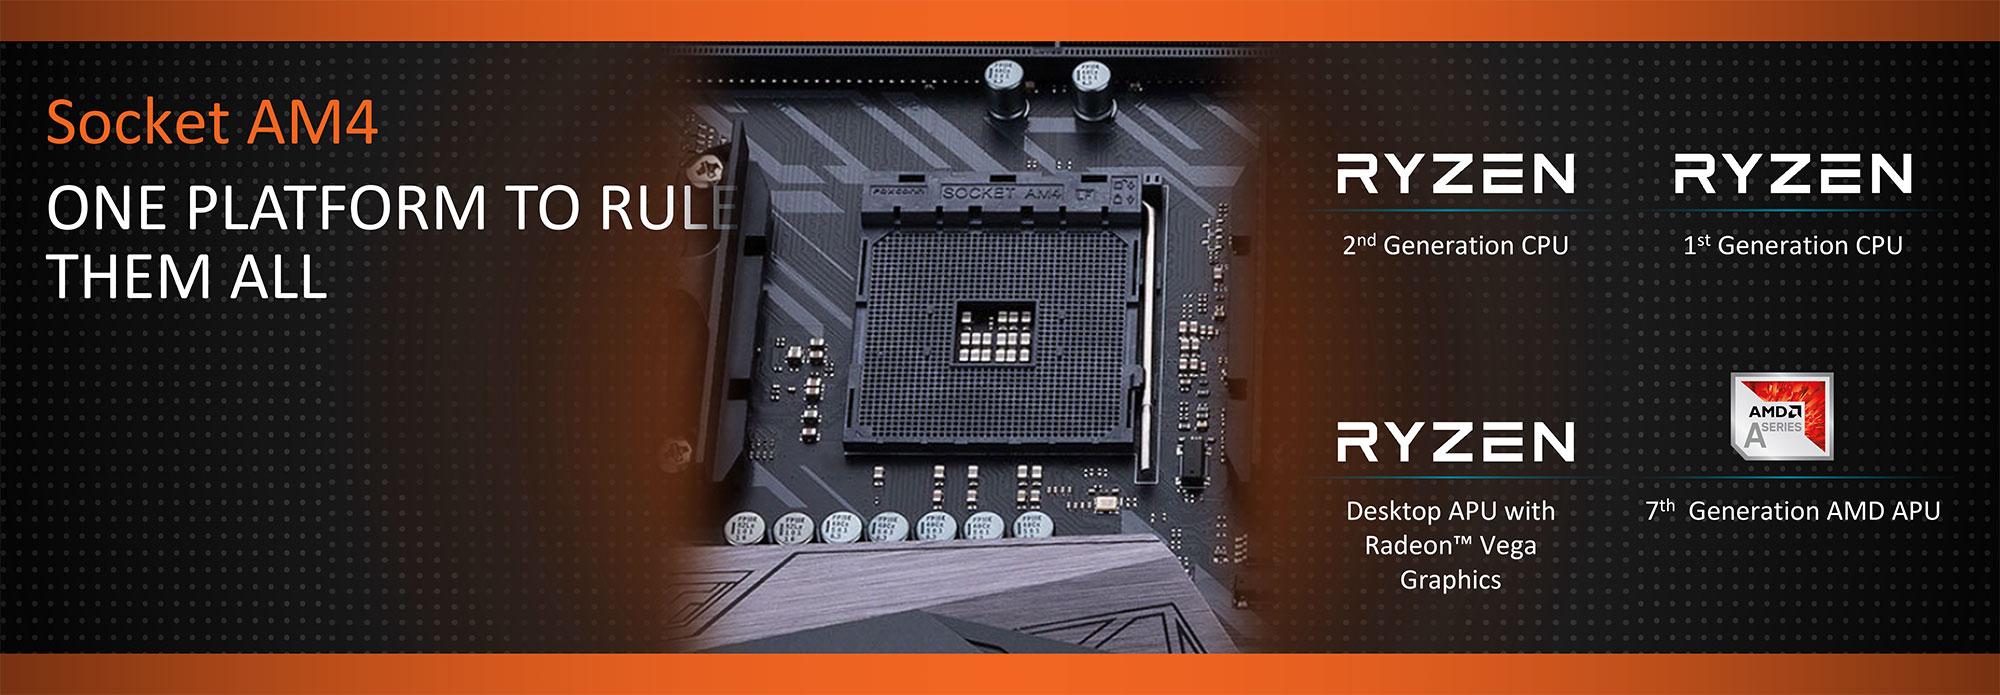 AMD 12nm Zen+ Updates Ryzen, Threadripper CPUs, New X470